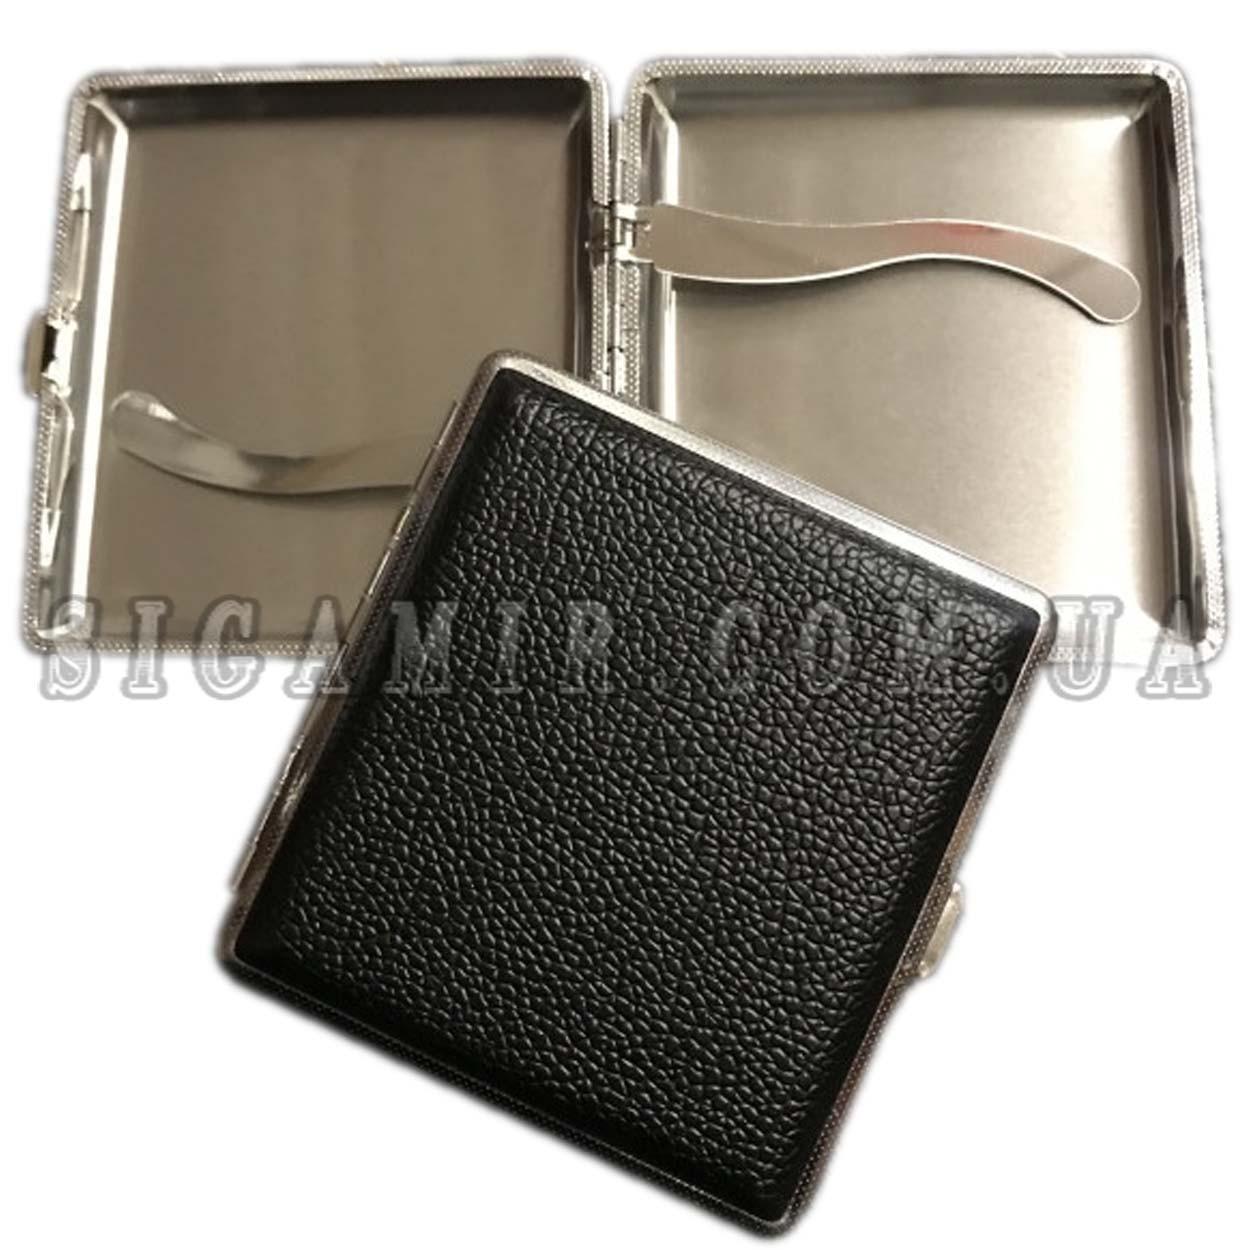 Купить металлический портсигар на 20 сигарет правило продажи табачных изделий